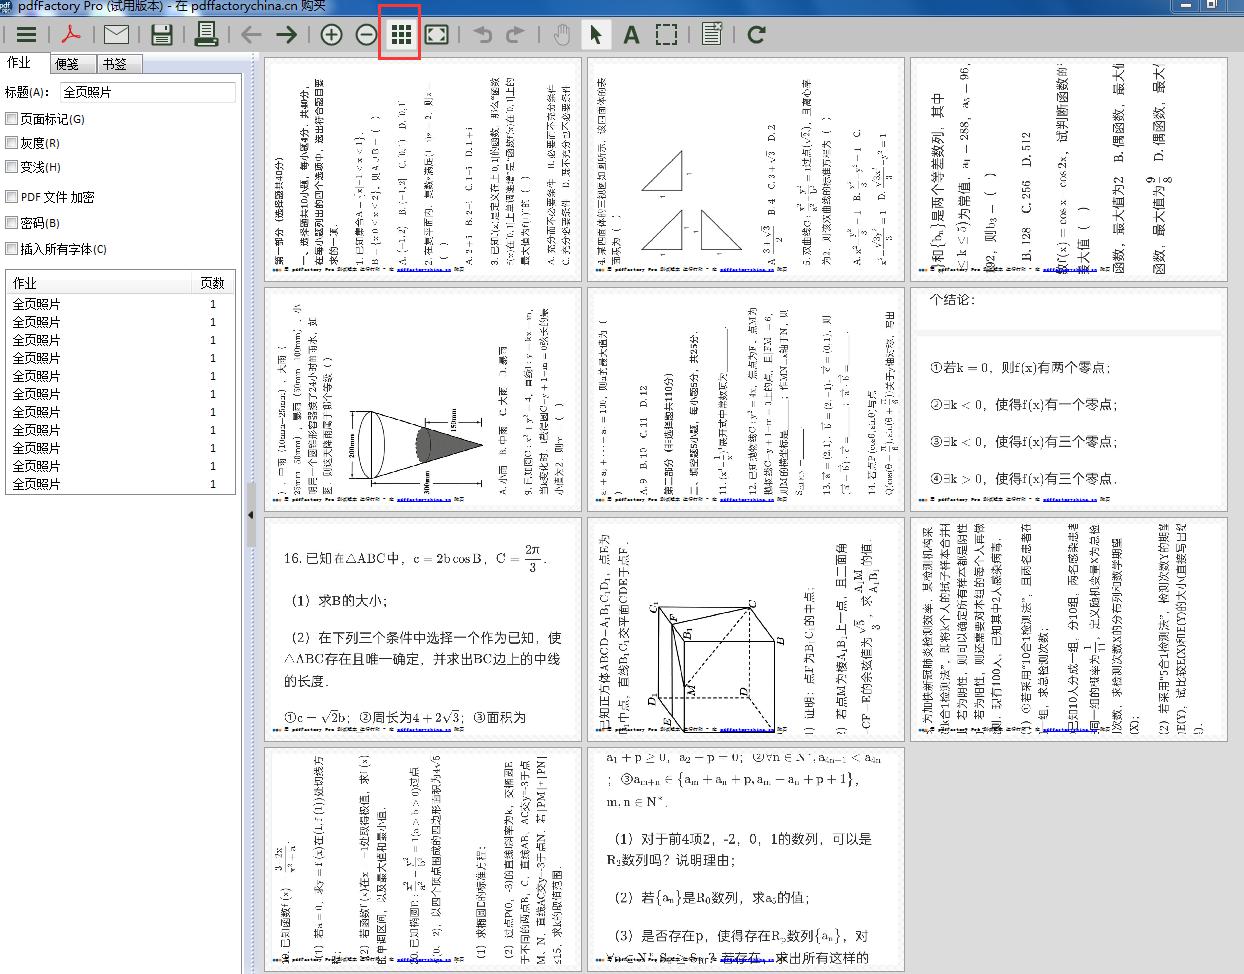 图3:缩略图显示全部图片